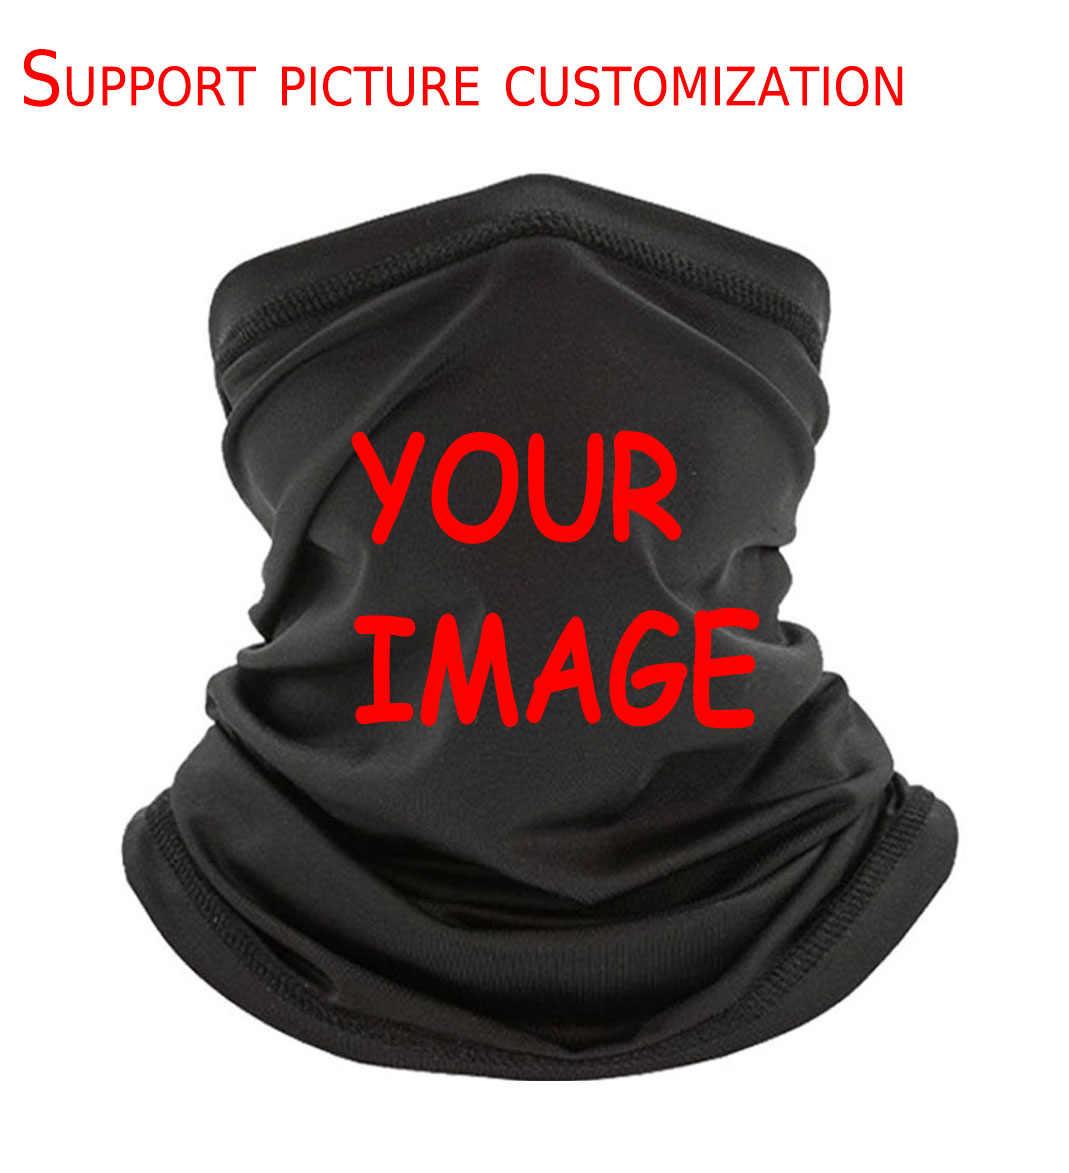 Robocop Ocp классический логотип фильма T Бандана с принтом Ed209 Ретро винтажный оригинальный дизайн повязка на голову шарф бандана для женщин и мужчин